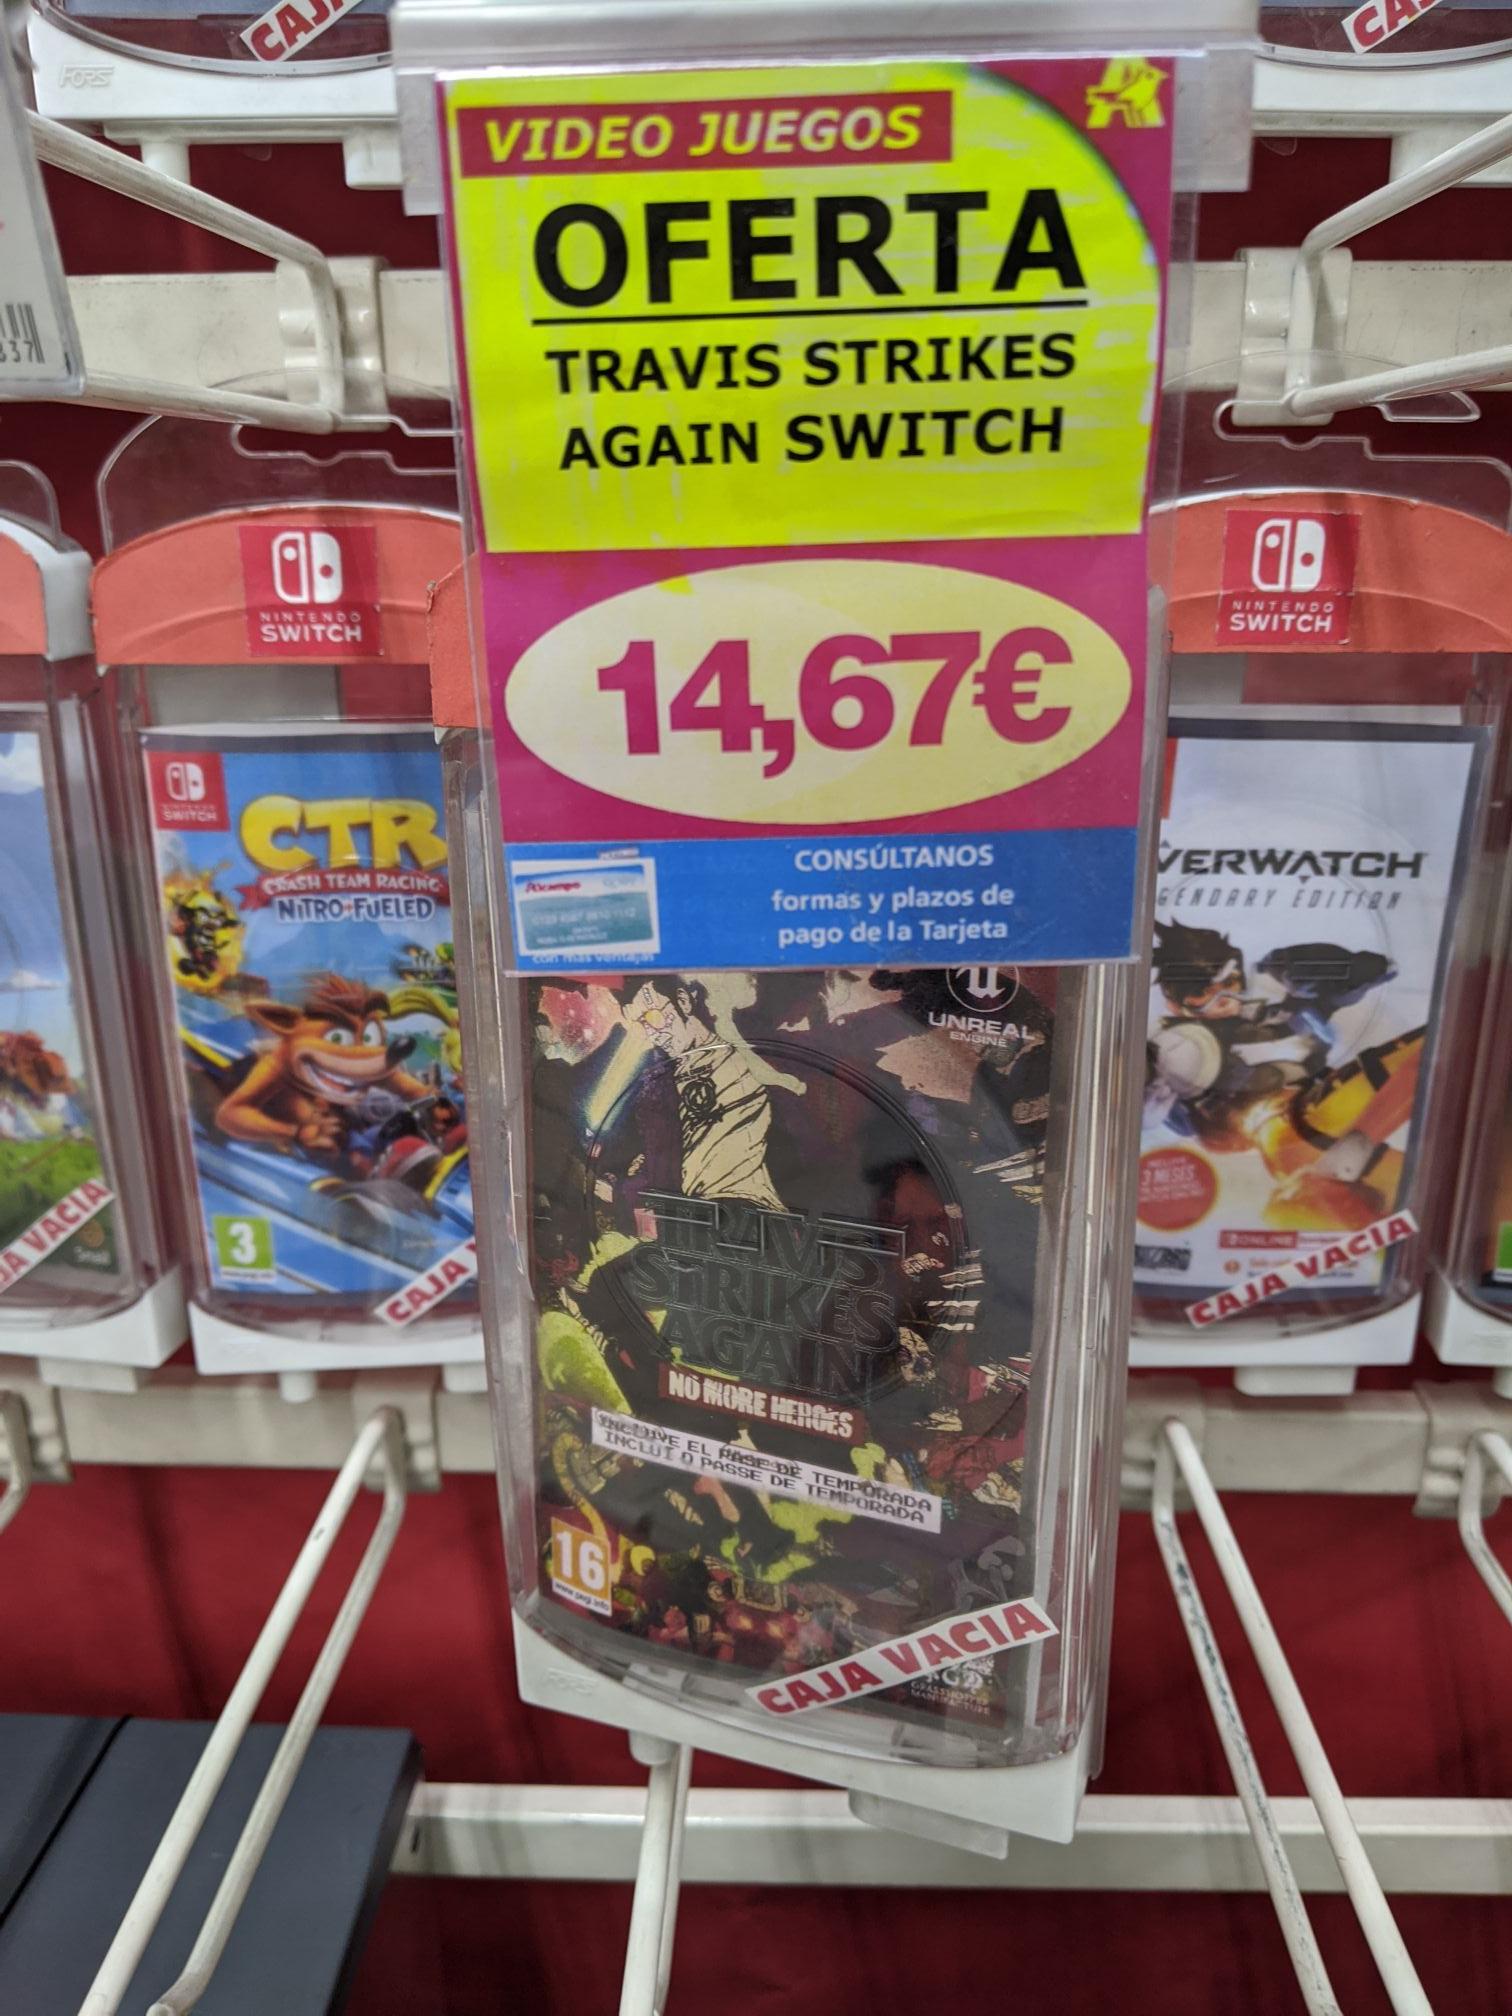 Nintendo Switch Travis Strikes Again - Alcampo La Vaguada